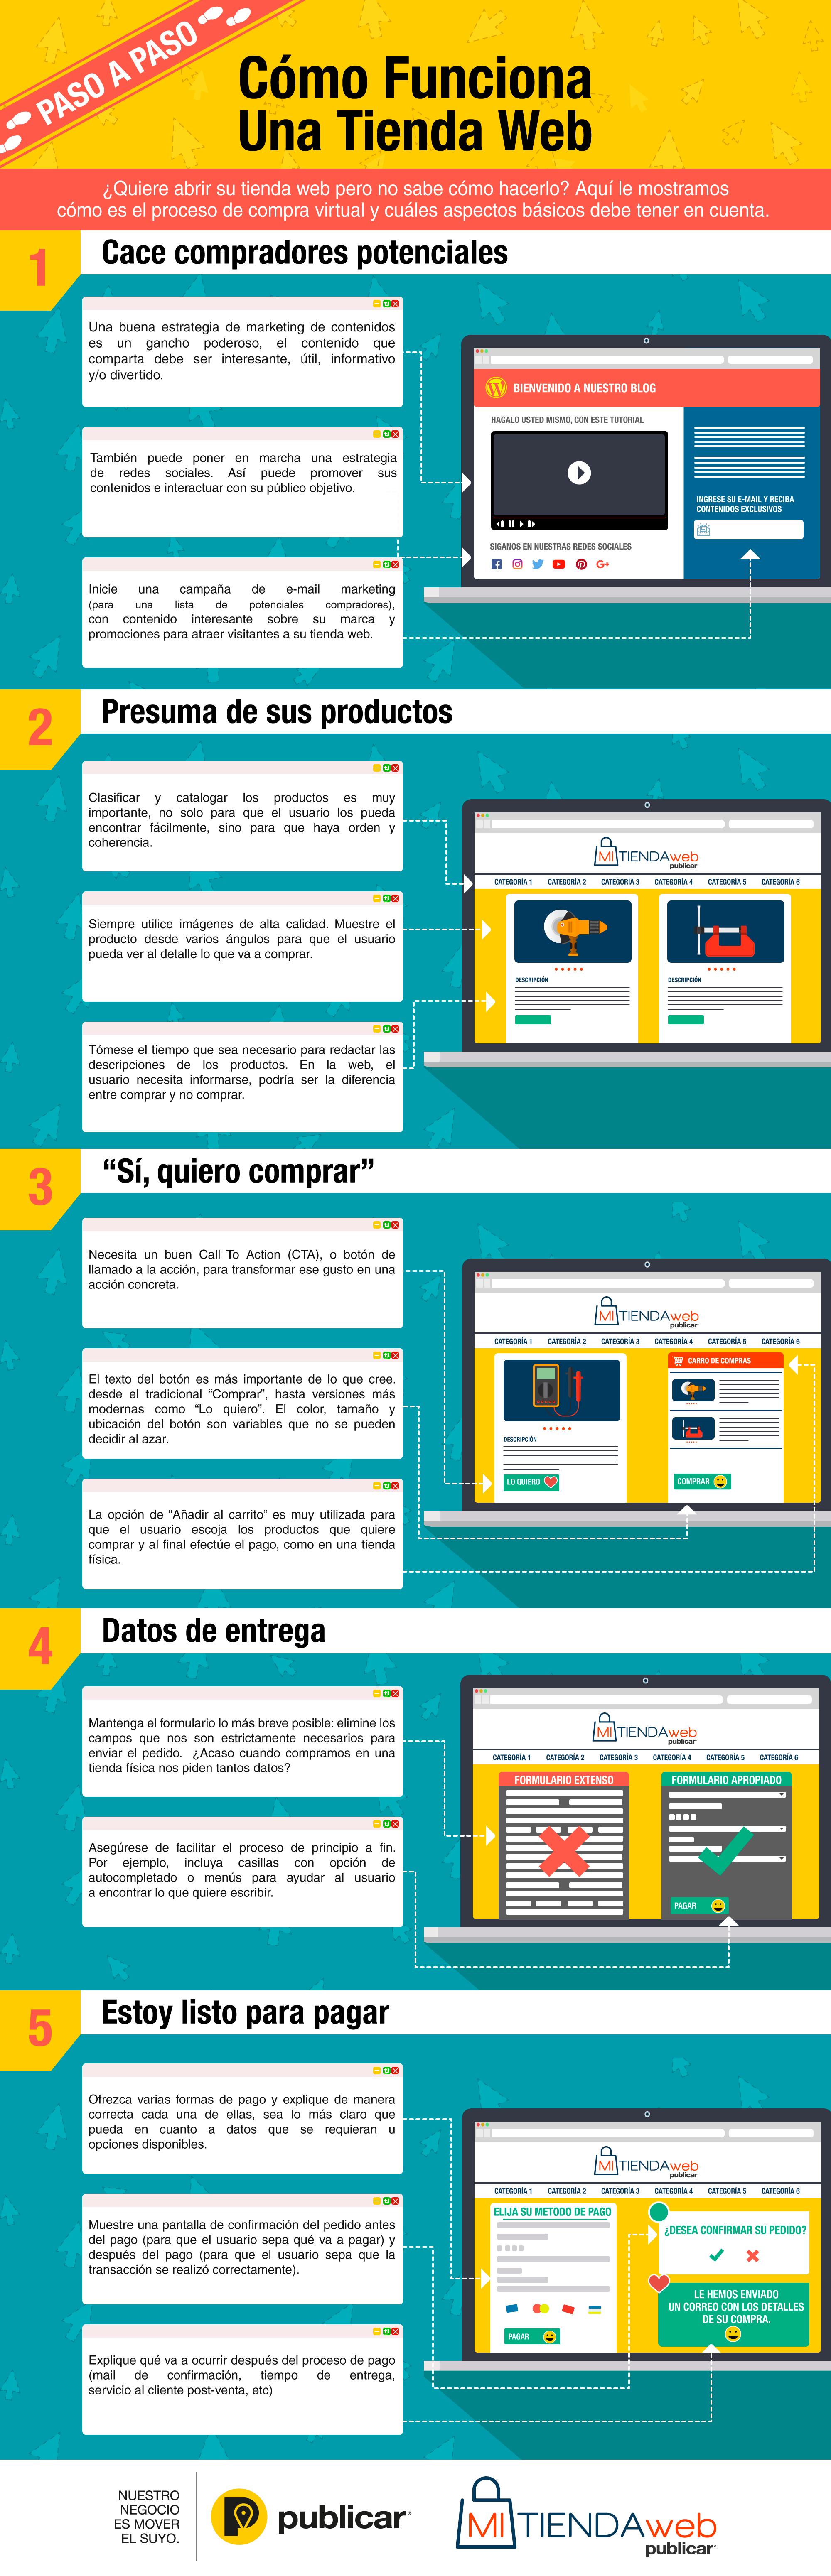 C mo funciona una tienda web paso a paso infografia for Como funciona una depuradora